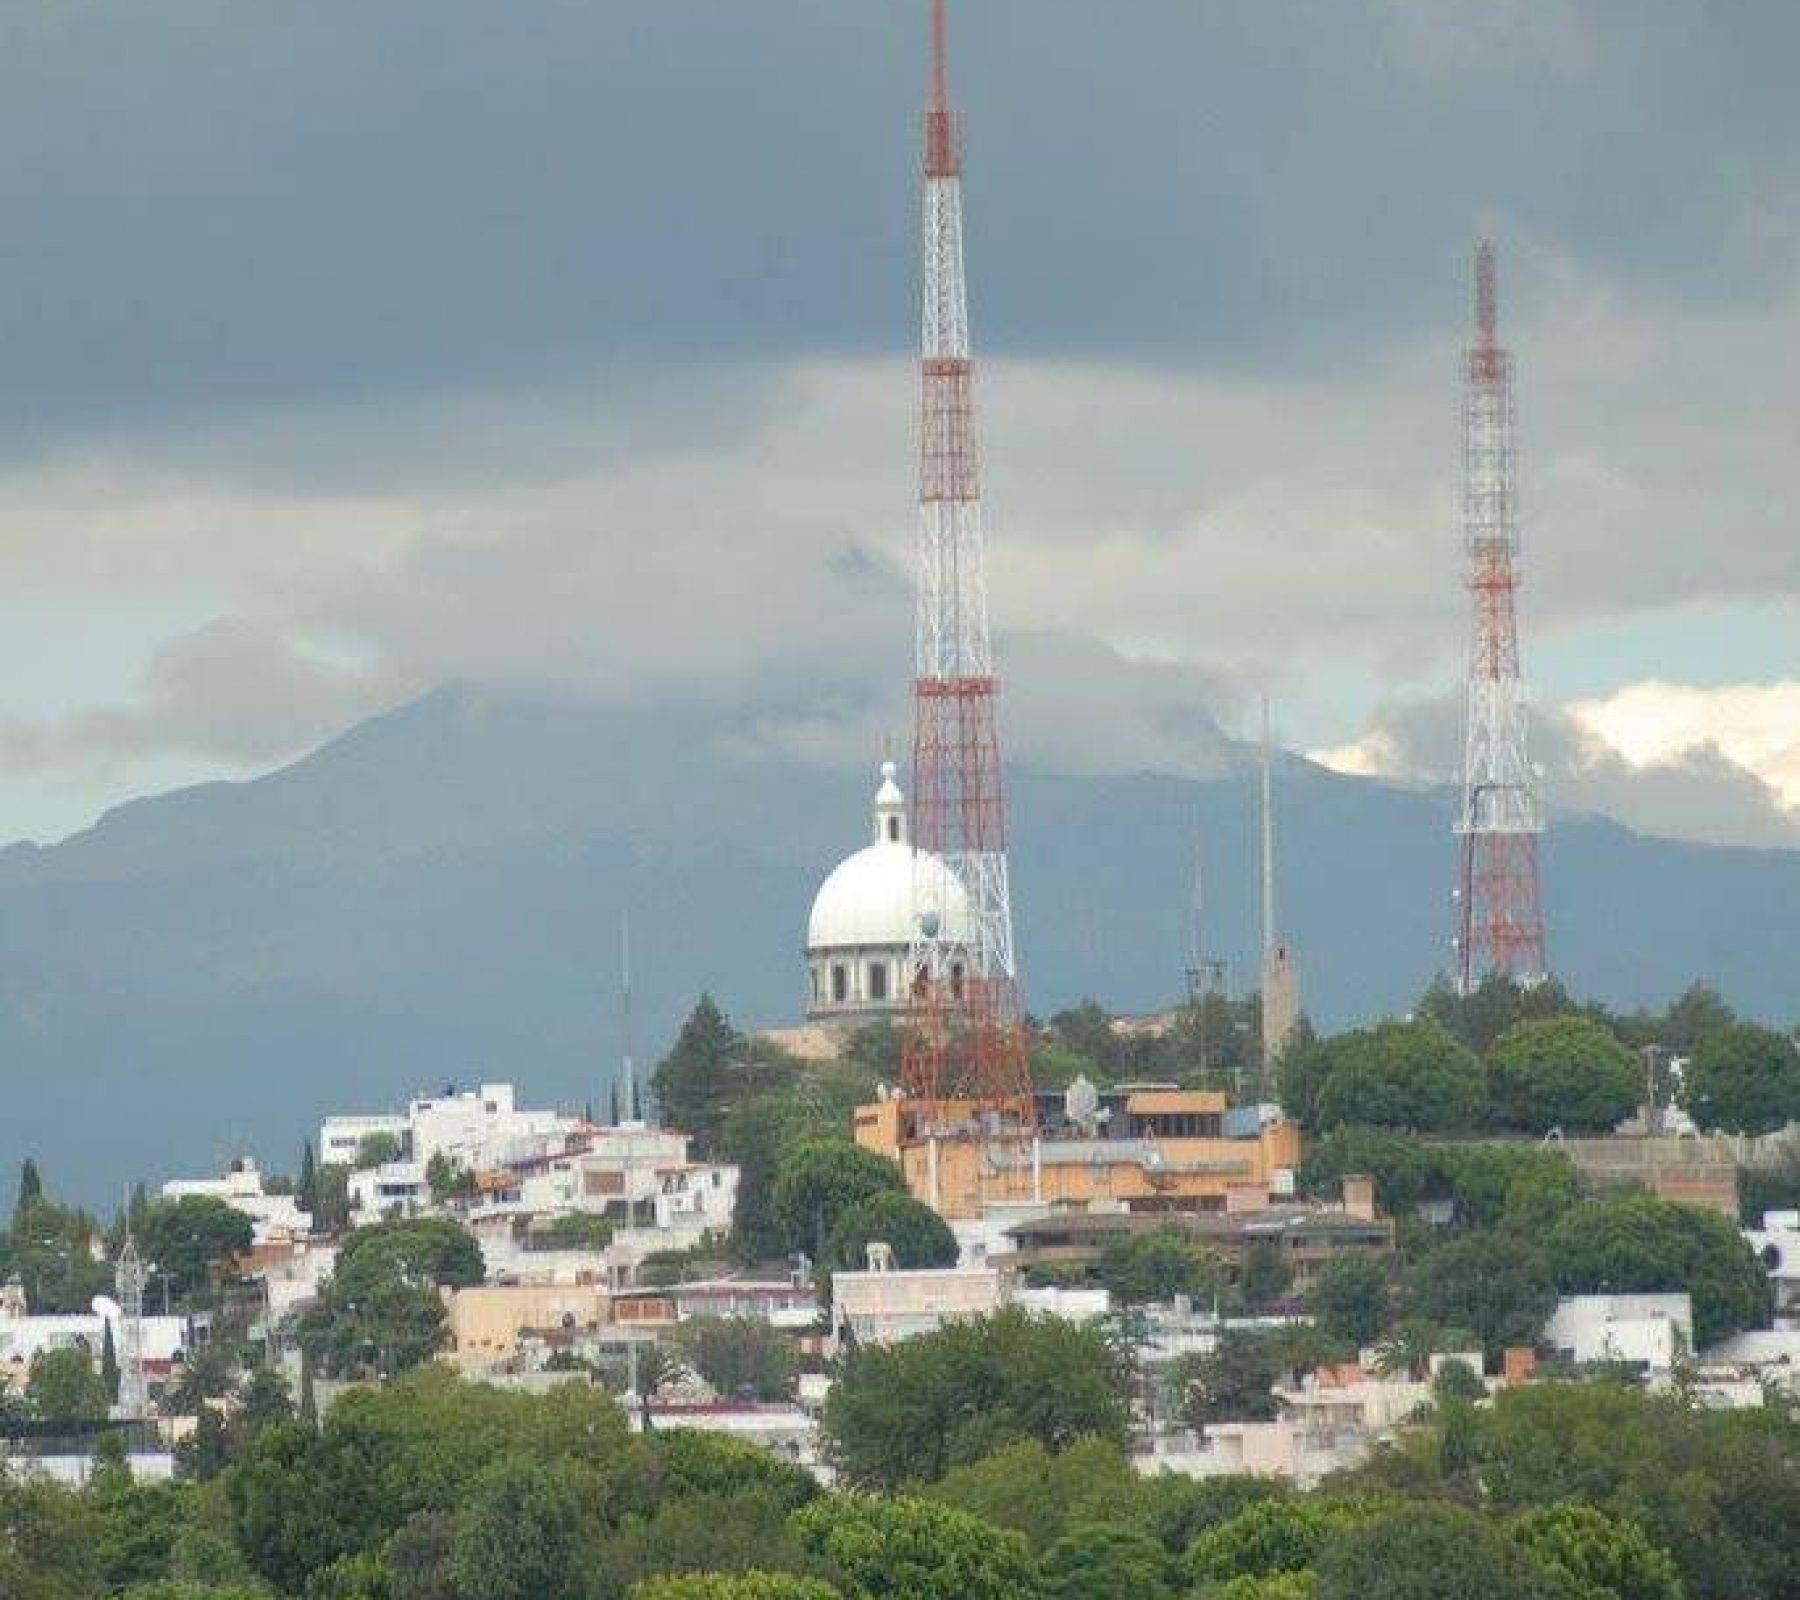 Vista del cerro de la paz, ideal para ir en pareja a romancear.